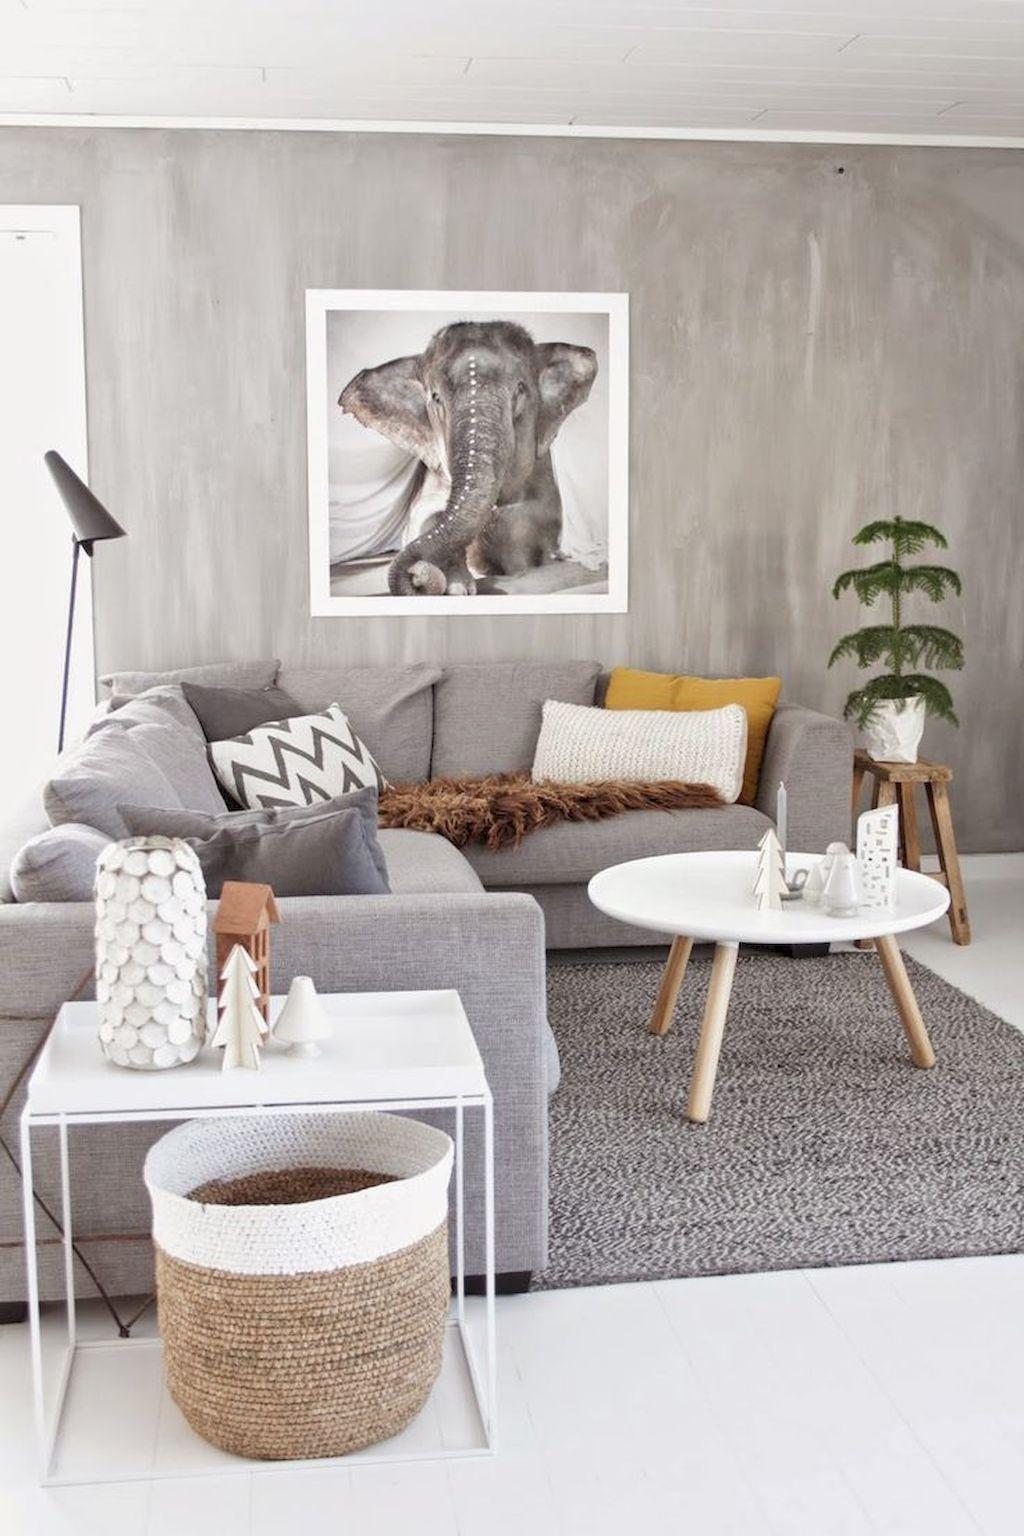 45 beautiful scandinavian interior design inspirations house rh pinterest com